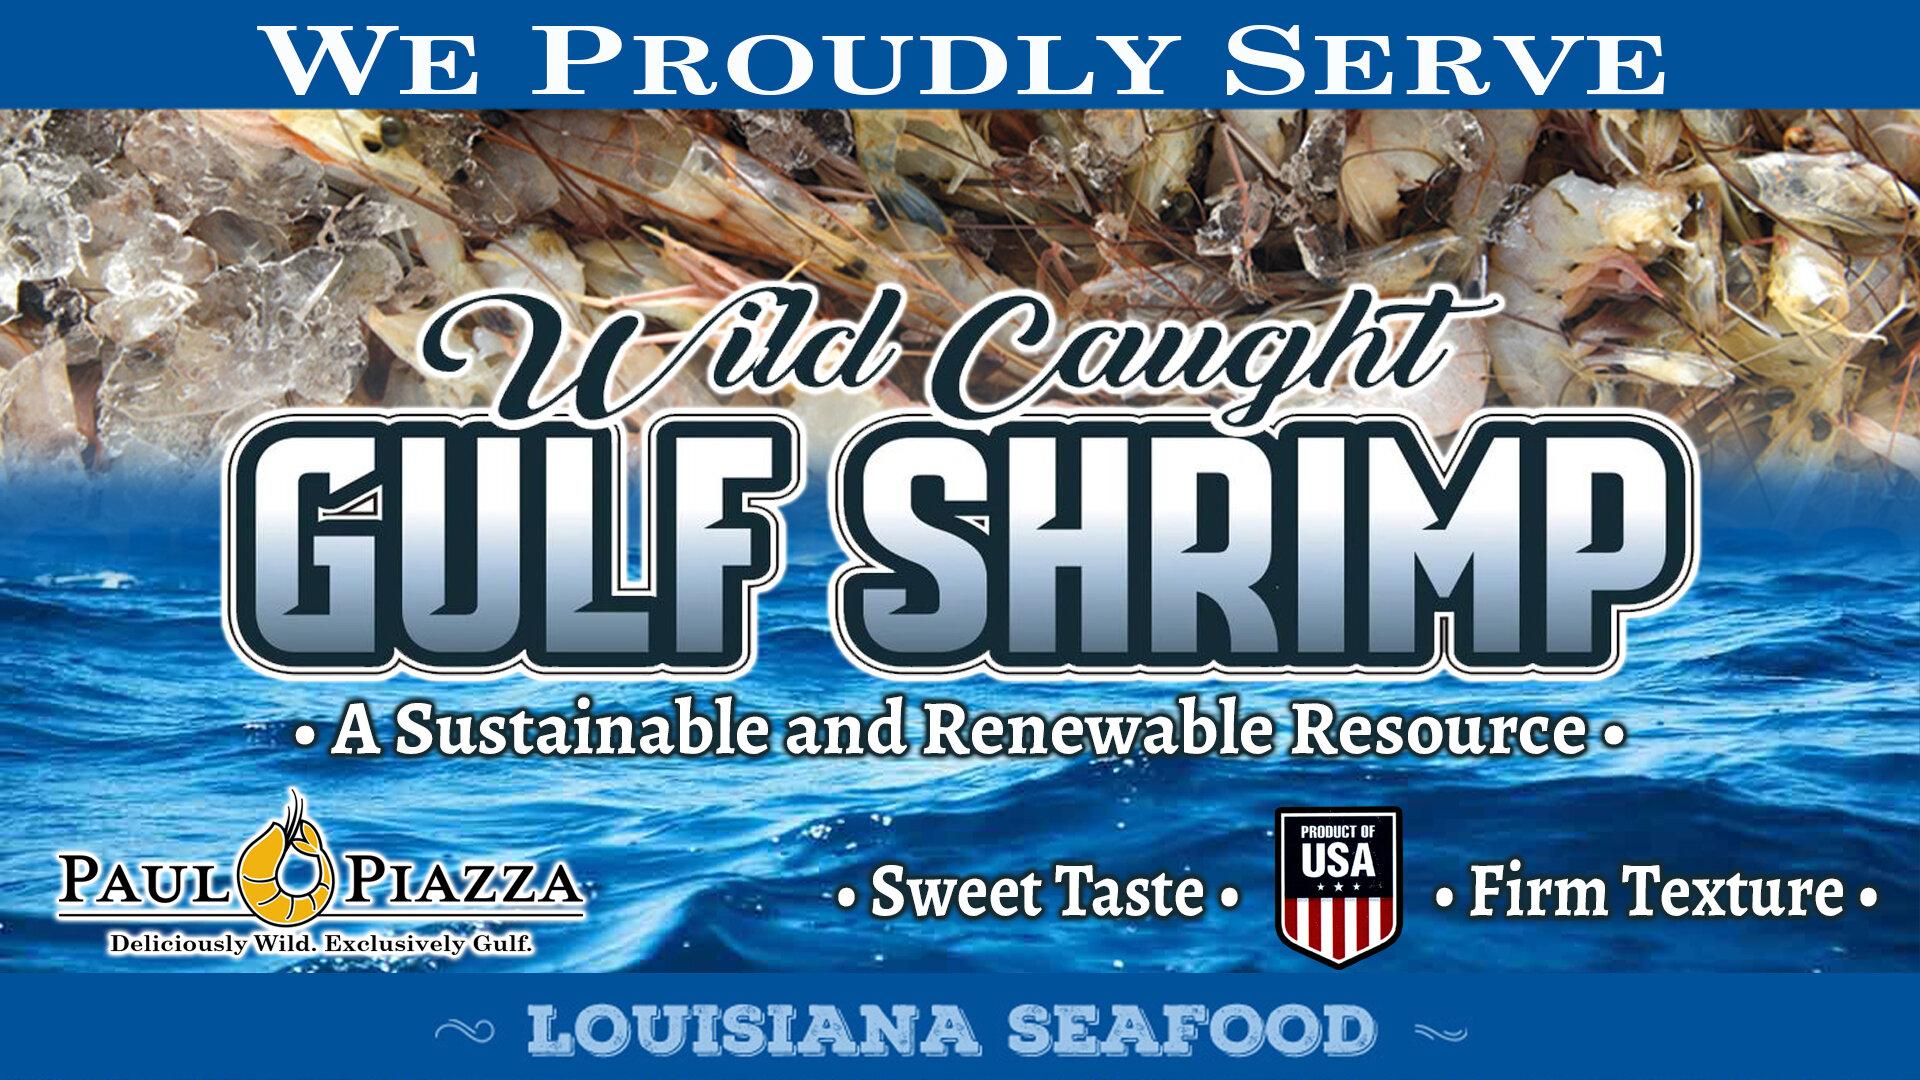 marque_CCBR-We Serve Wild Caught Gulf Shrimp.jpg